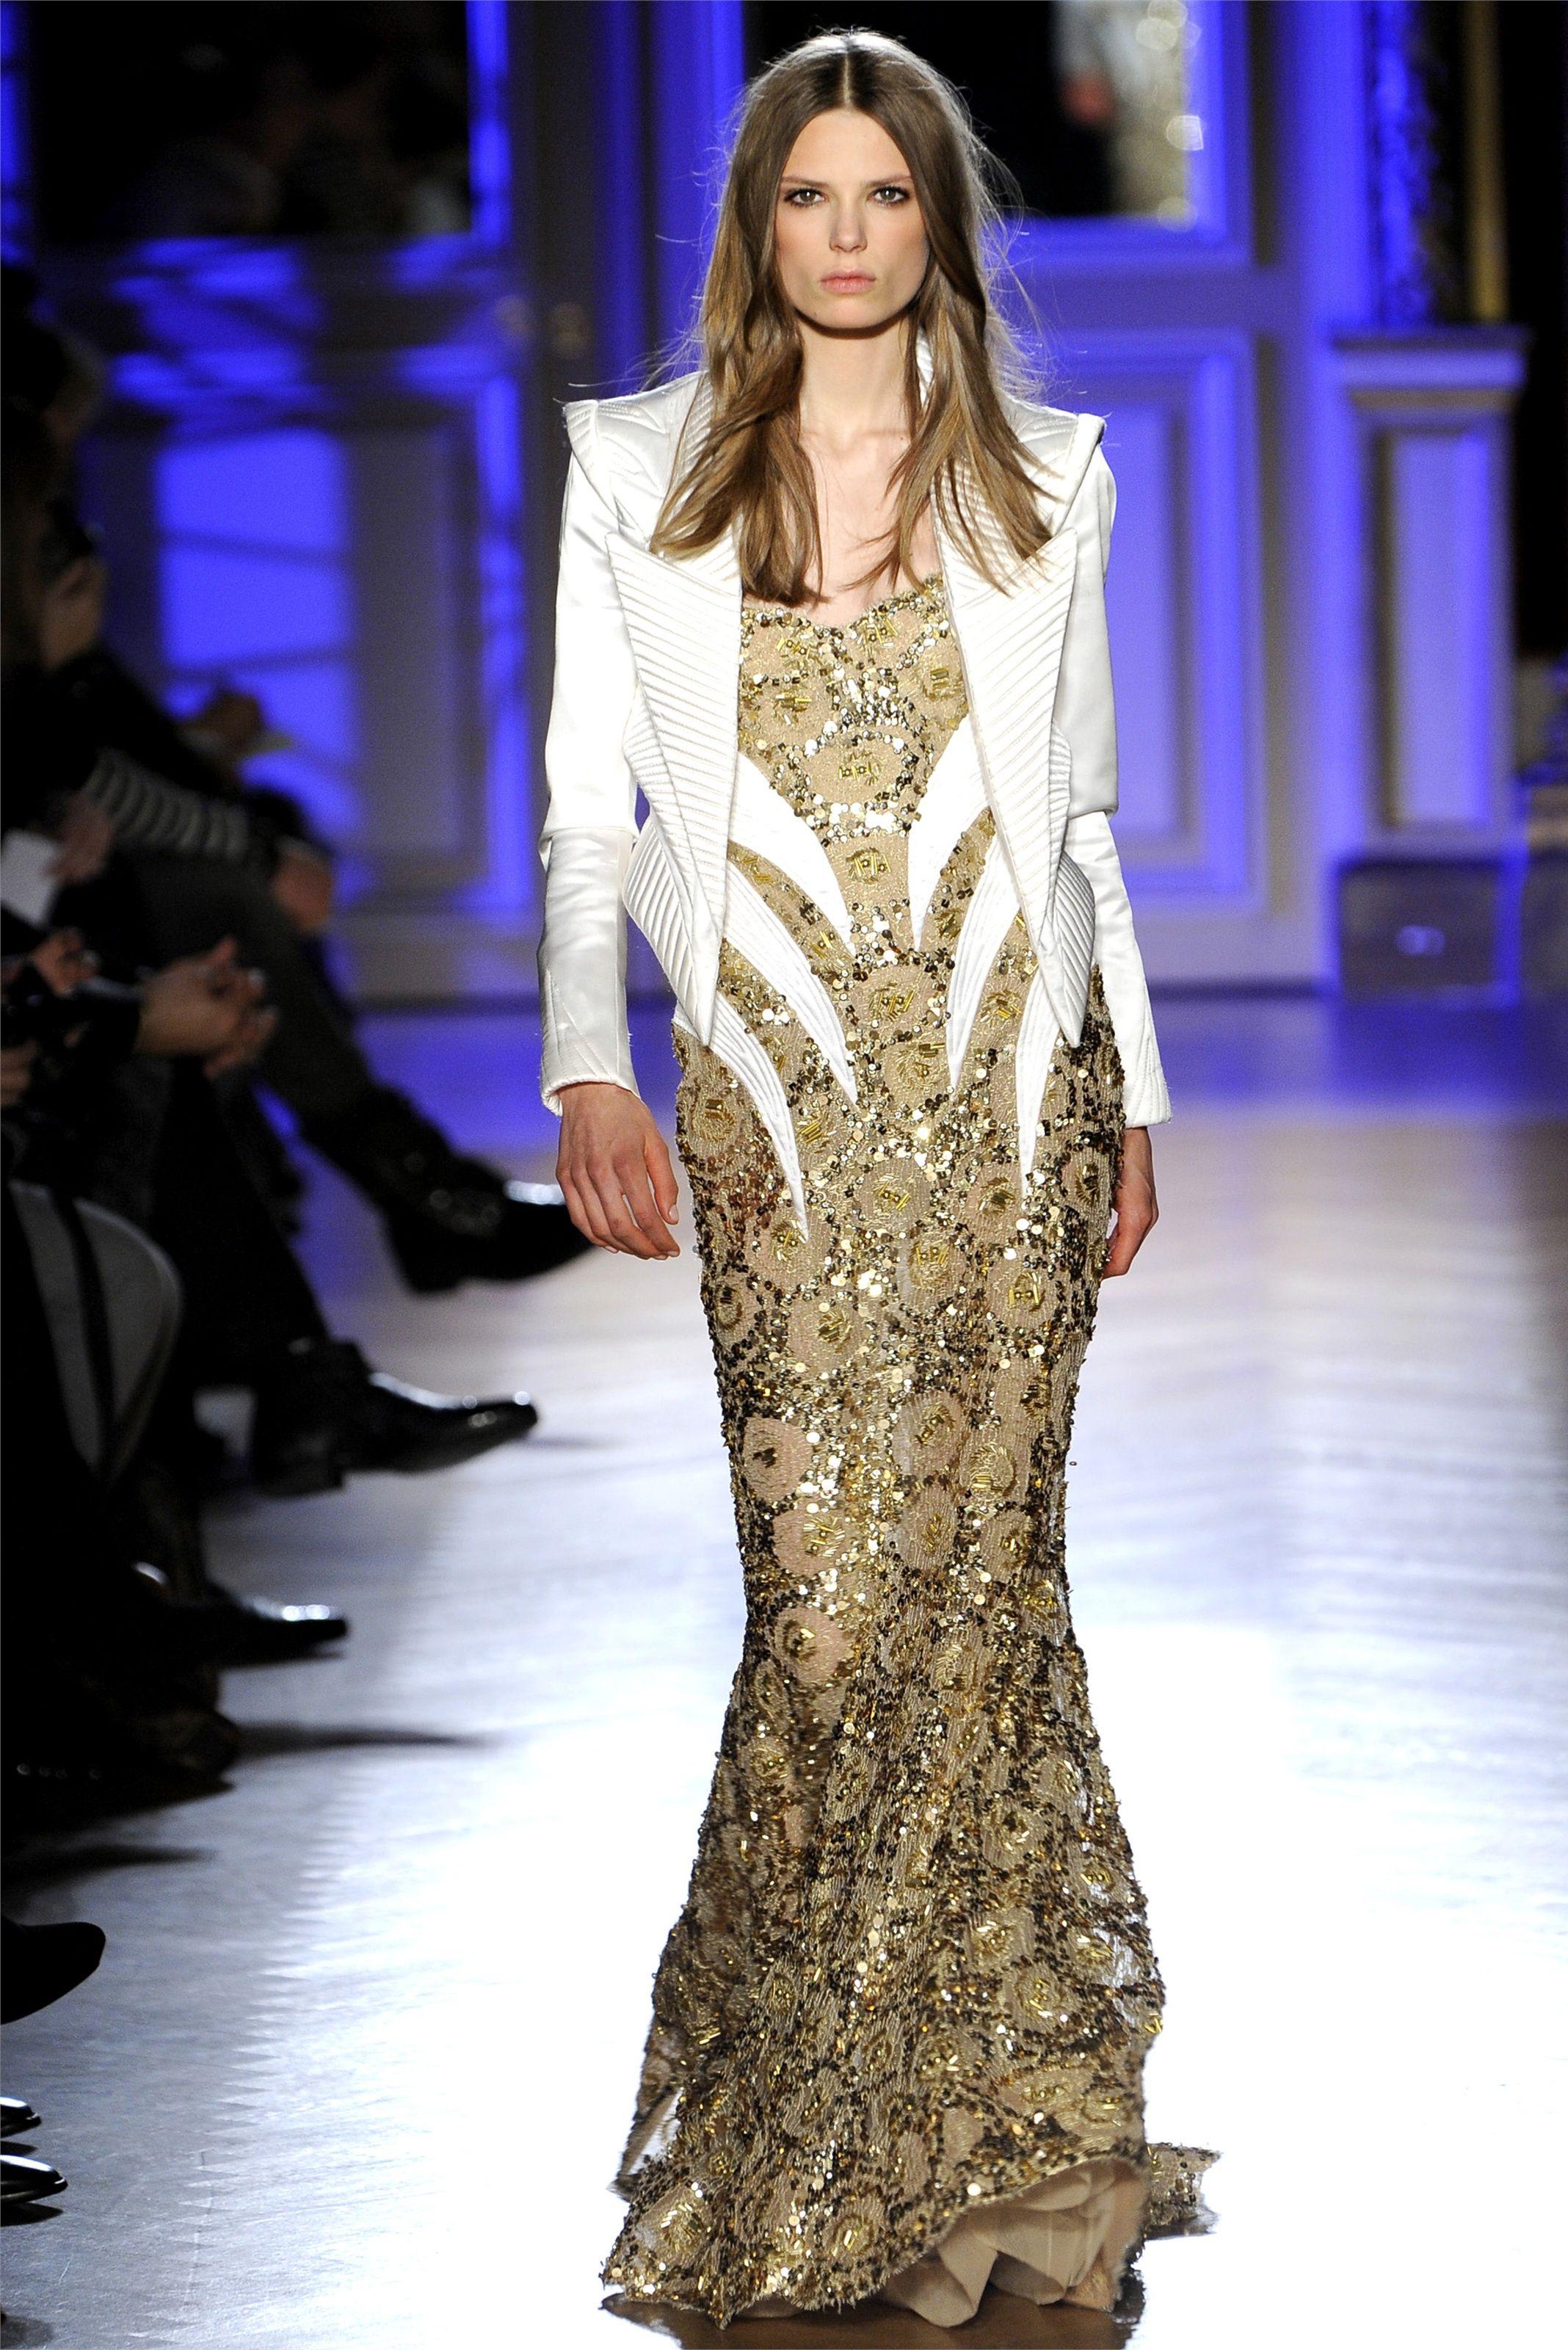 Fashion Show: Zuhair Murad Spring/Summer 2012 Haute